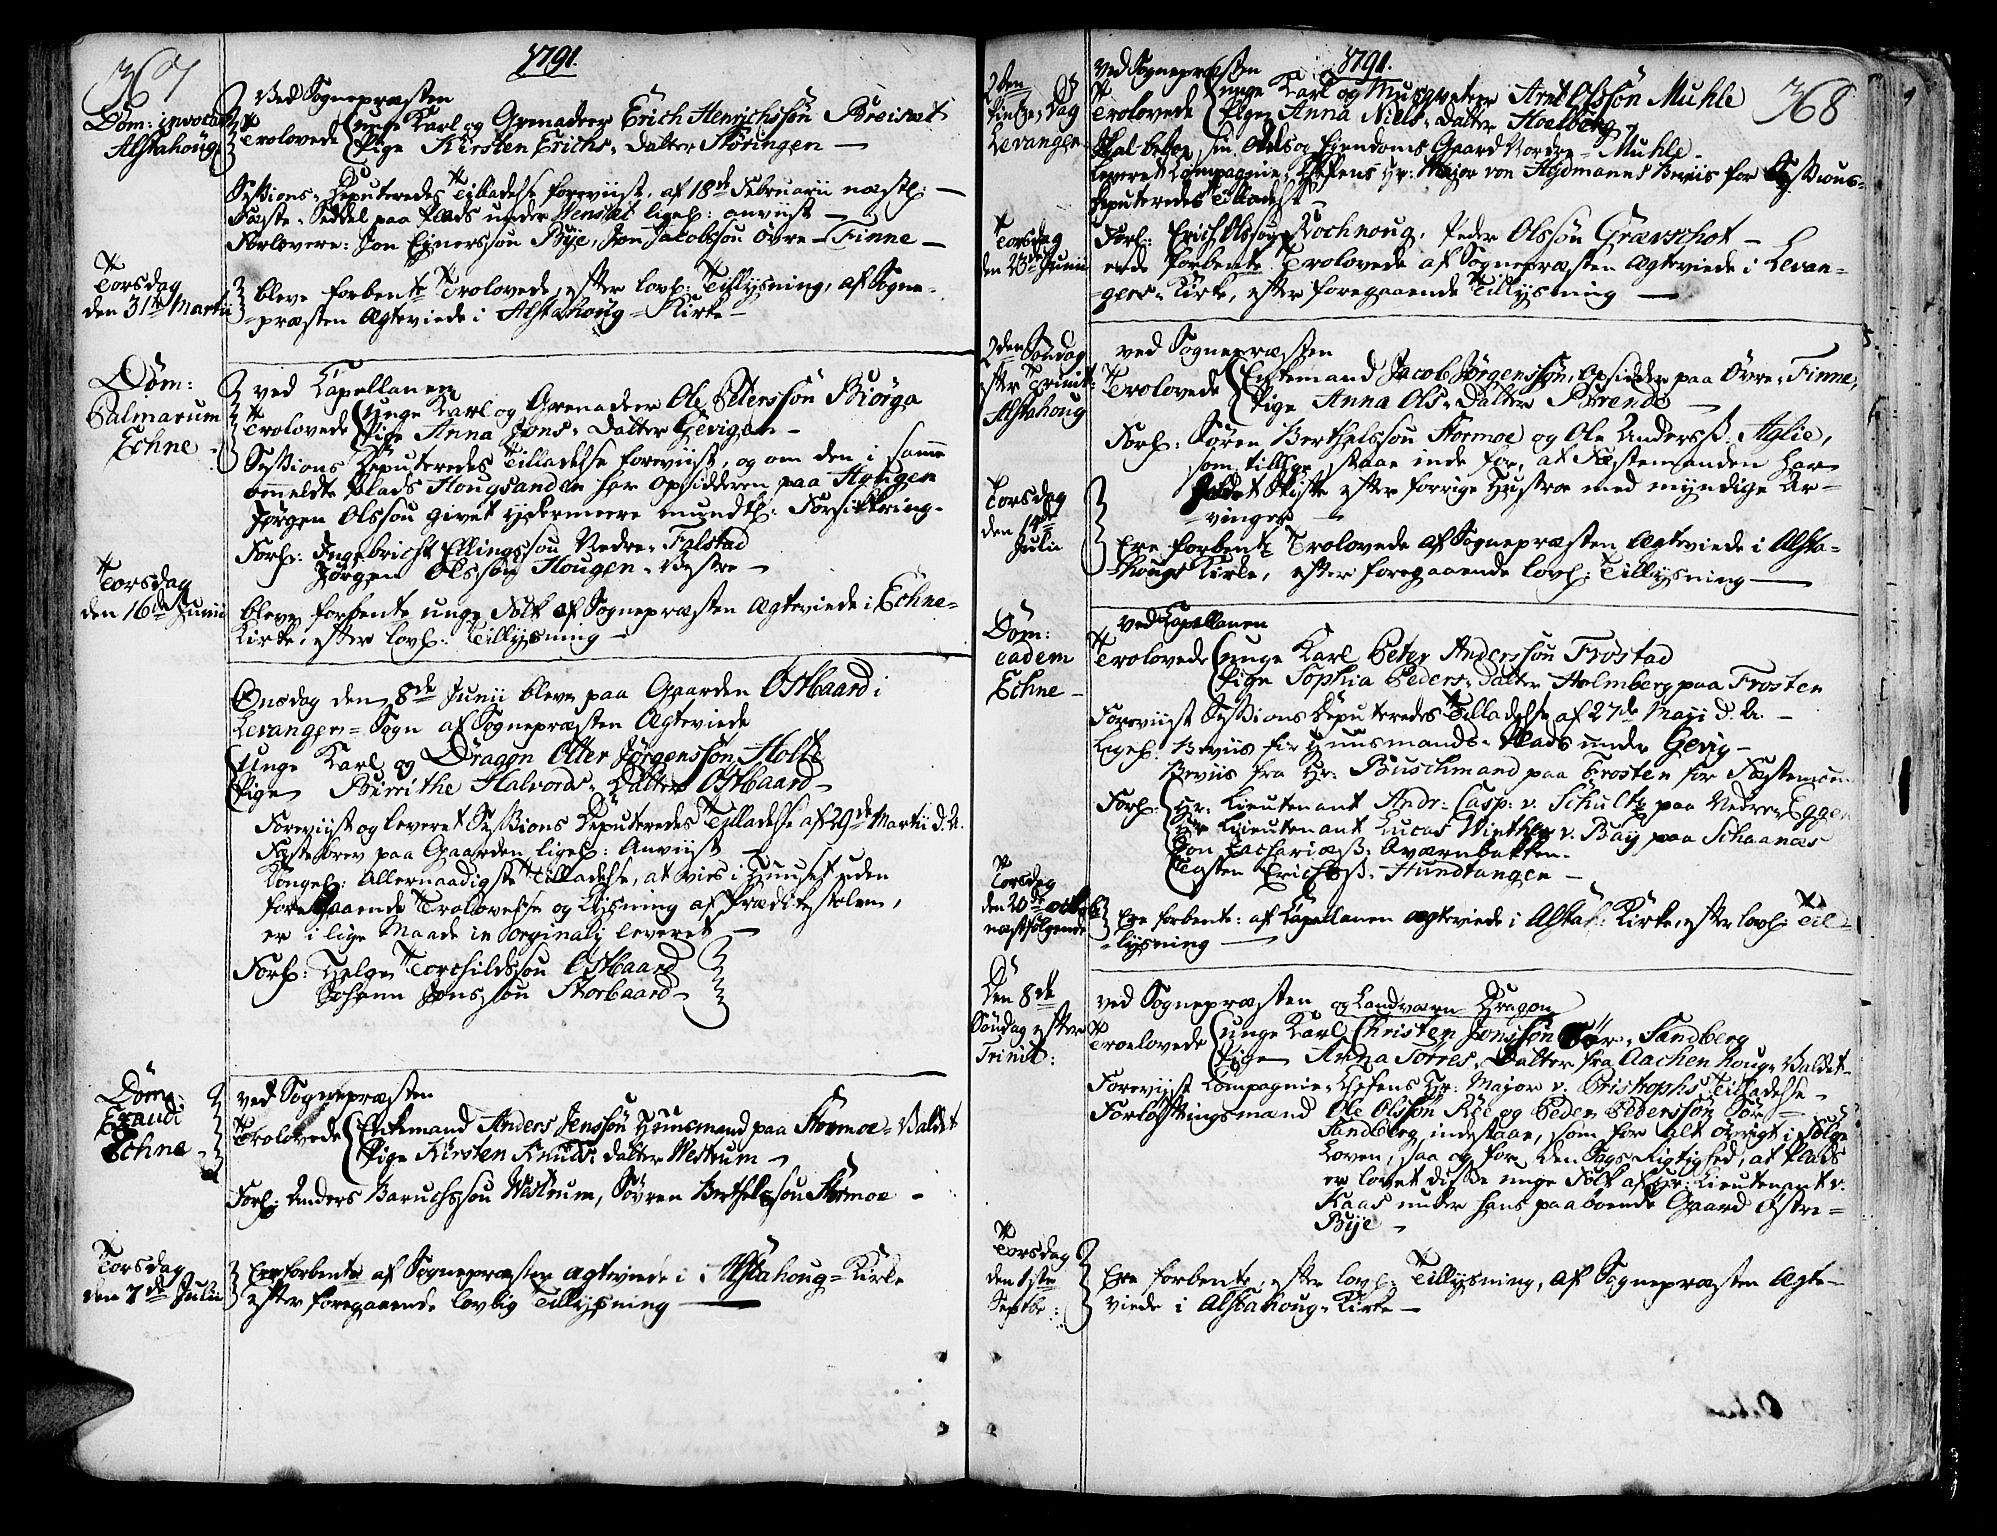 SAT, Ministerialprotokoller, klokkerbøker og fødselsregistre - Nord-Trøndelag, 717/L0141: Ministerialbok nr. 717A01, 1747-1803, s. 367-368